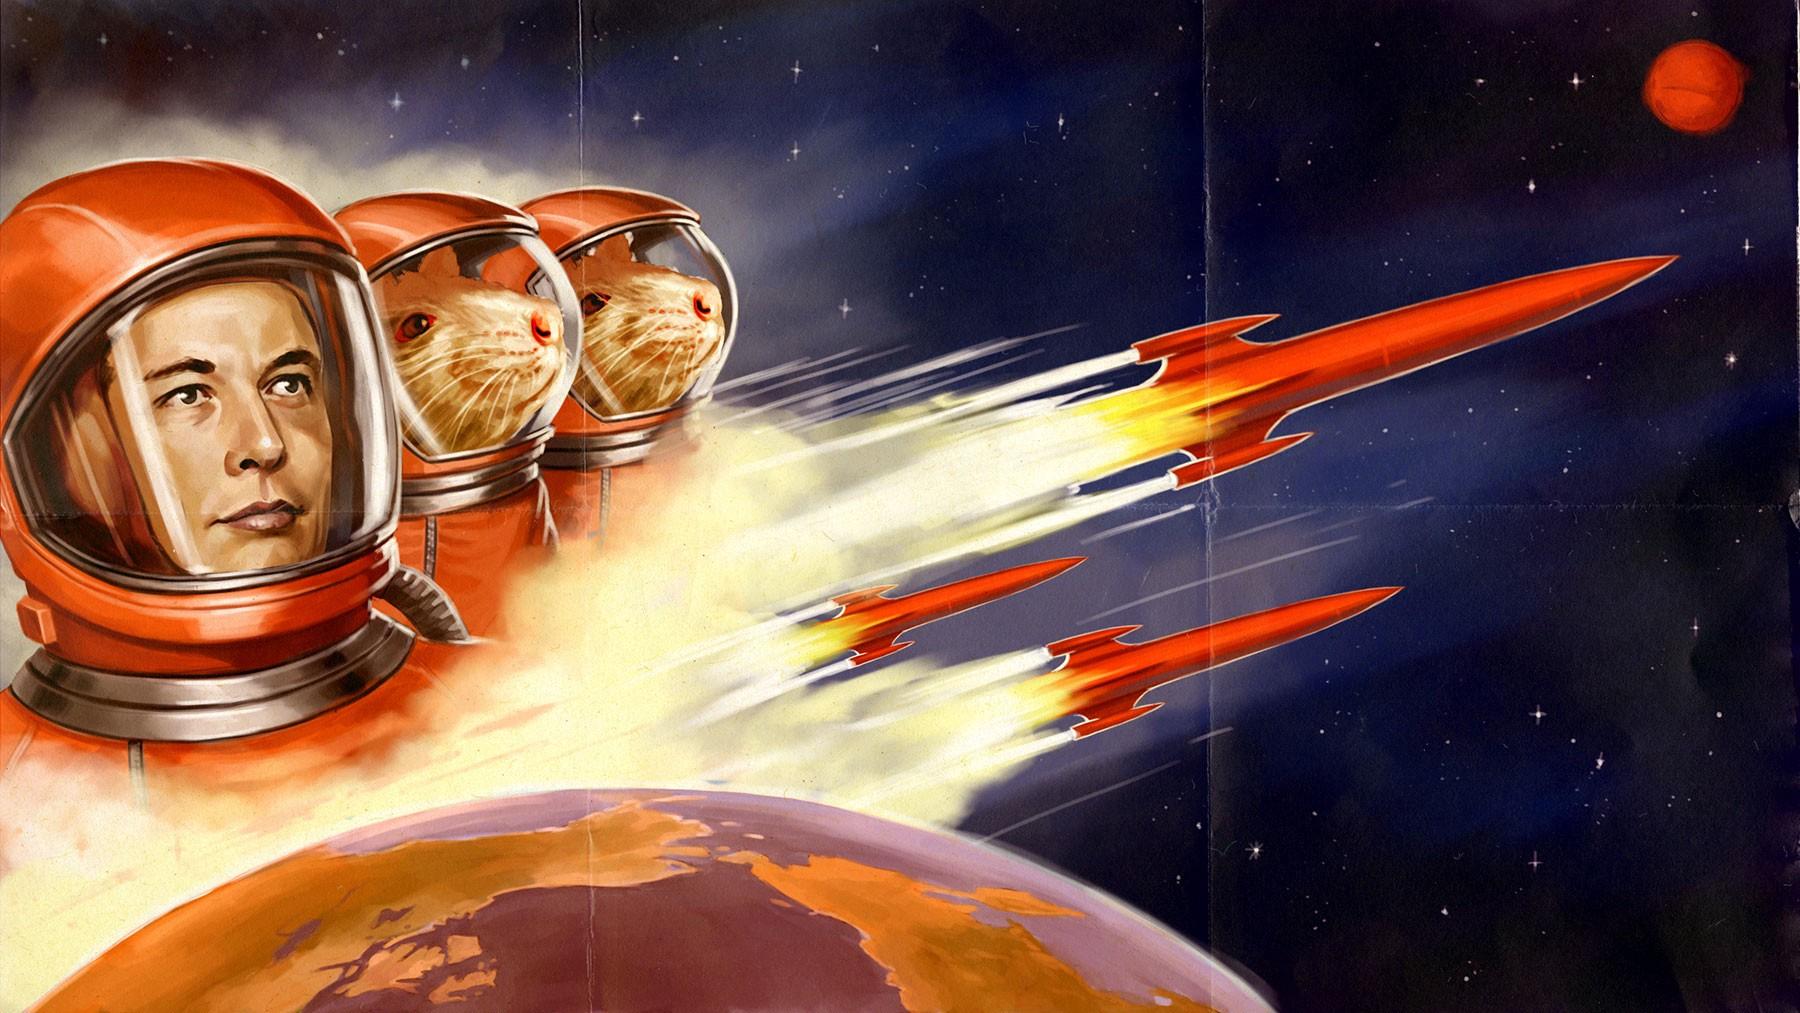 Отправляемся на реактивном двигателе в межпланетное путешествие